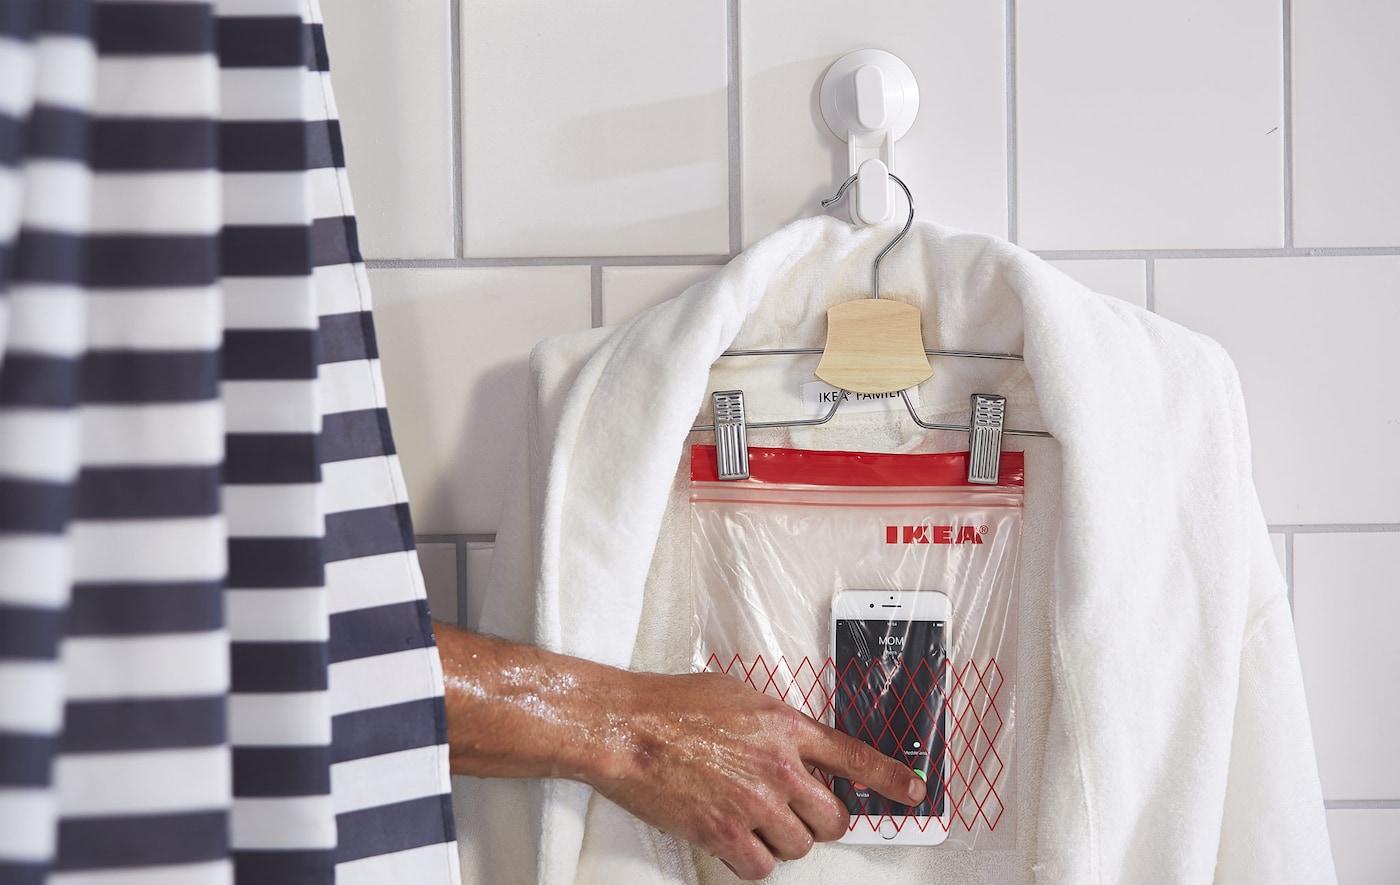 Afsluitbaar plastic zakje aan een hanger, waar ook een badjas aan hangt, dat gebruikt wordt als gsmhouder.